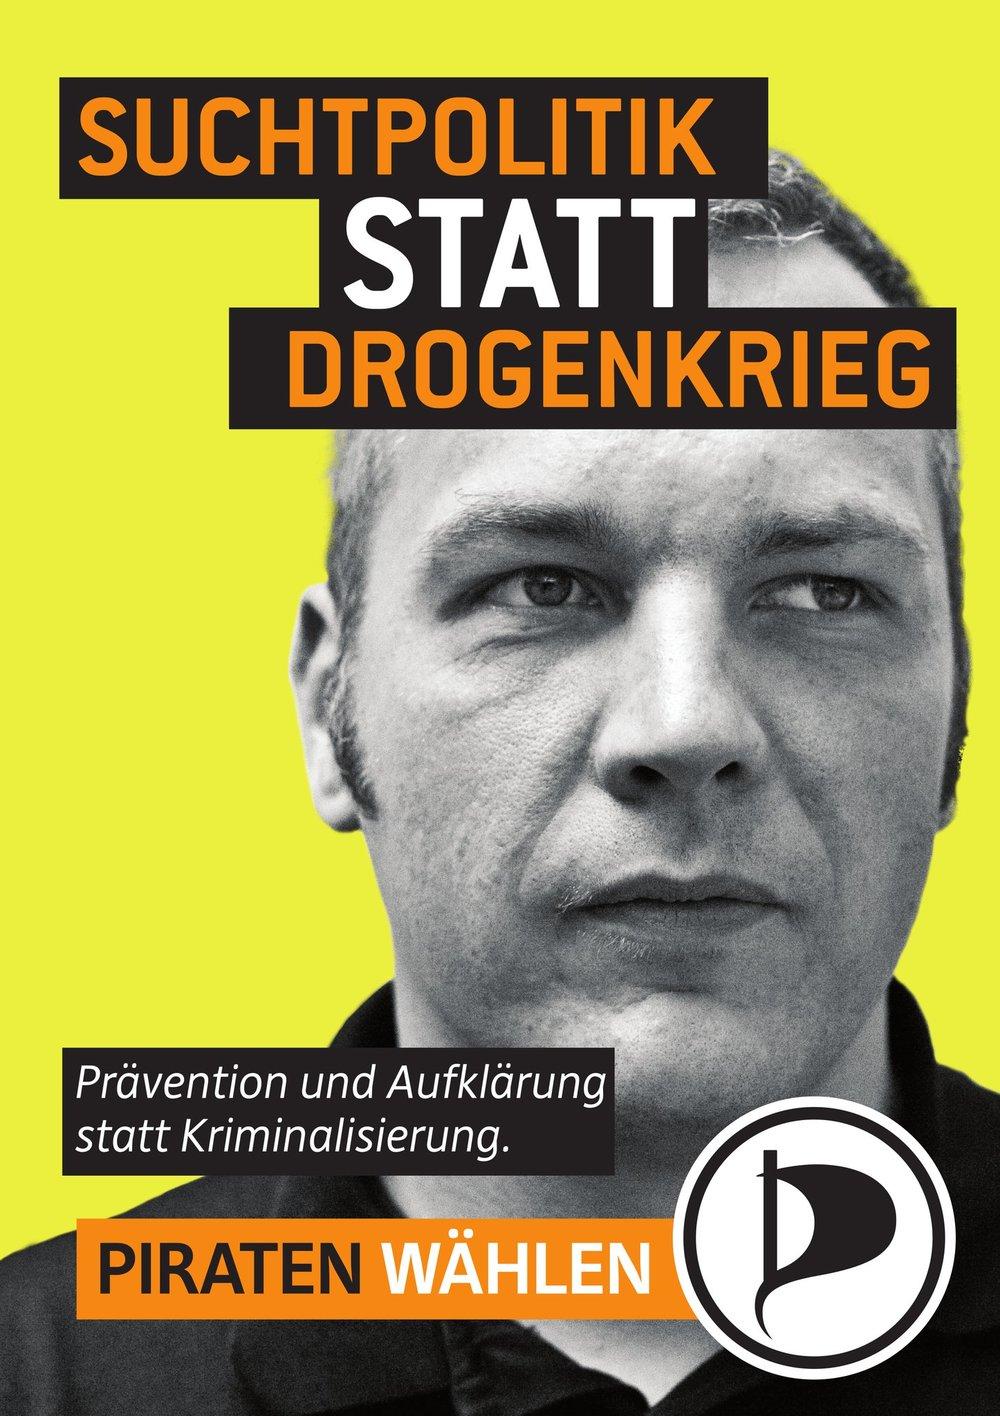 berlinplakat.06.jpg